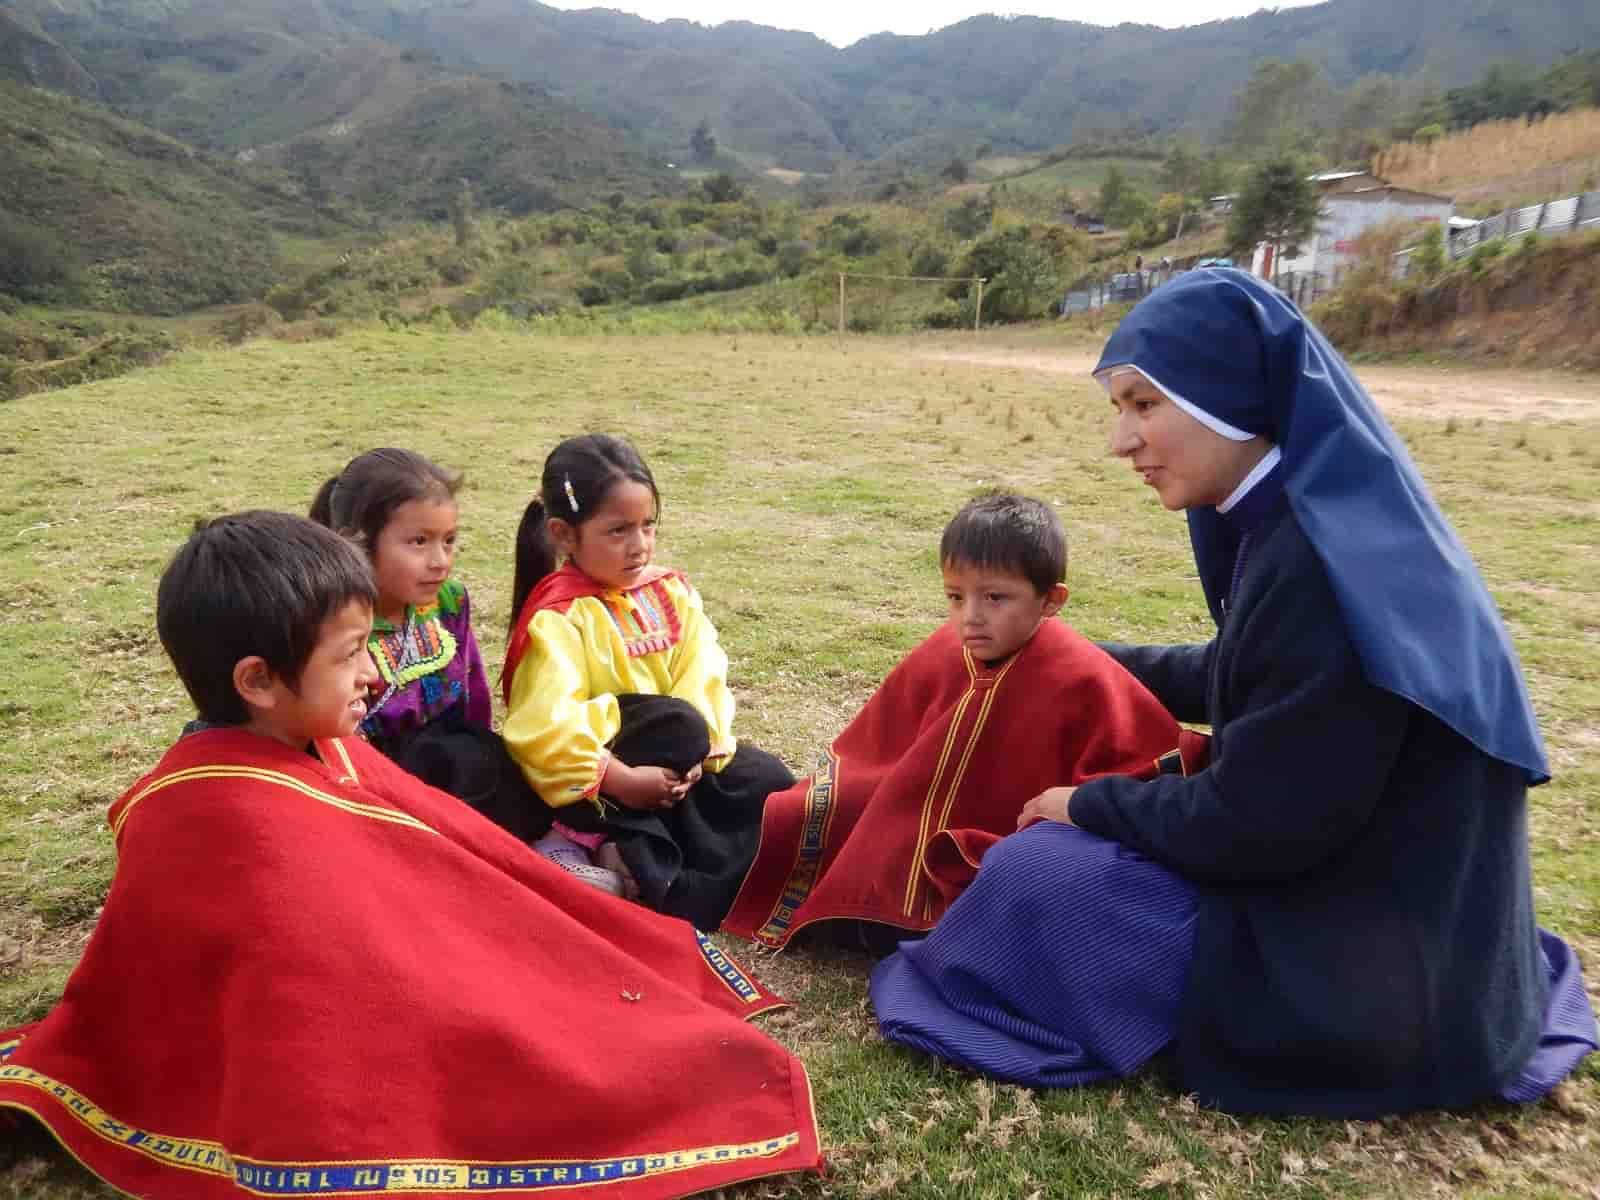 Una misionera de Jesús Verbo y Víctima con unos niños en una zona montañosa